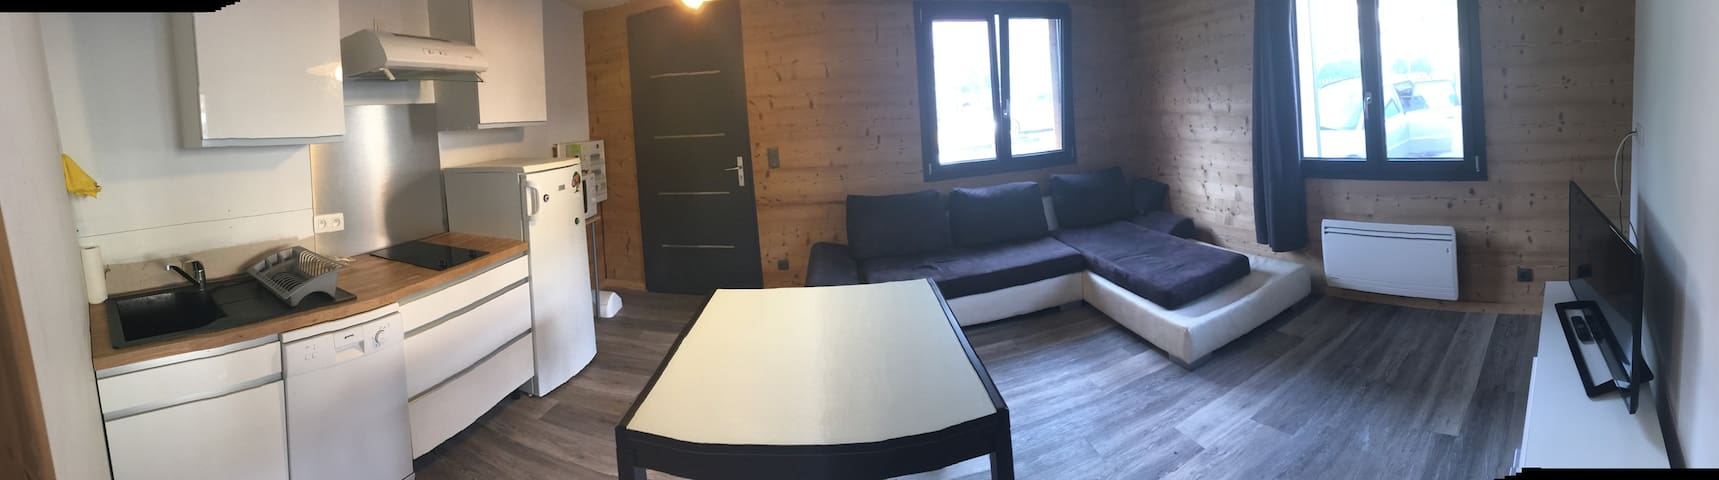 Appartement chaleureux